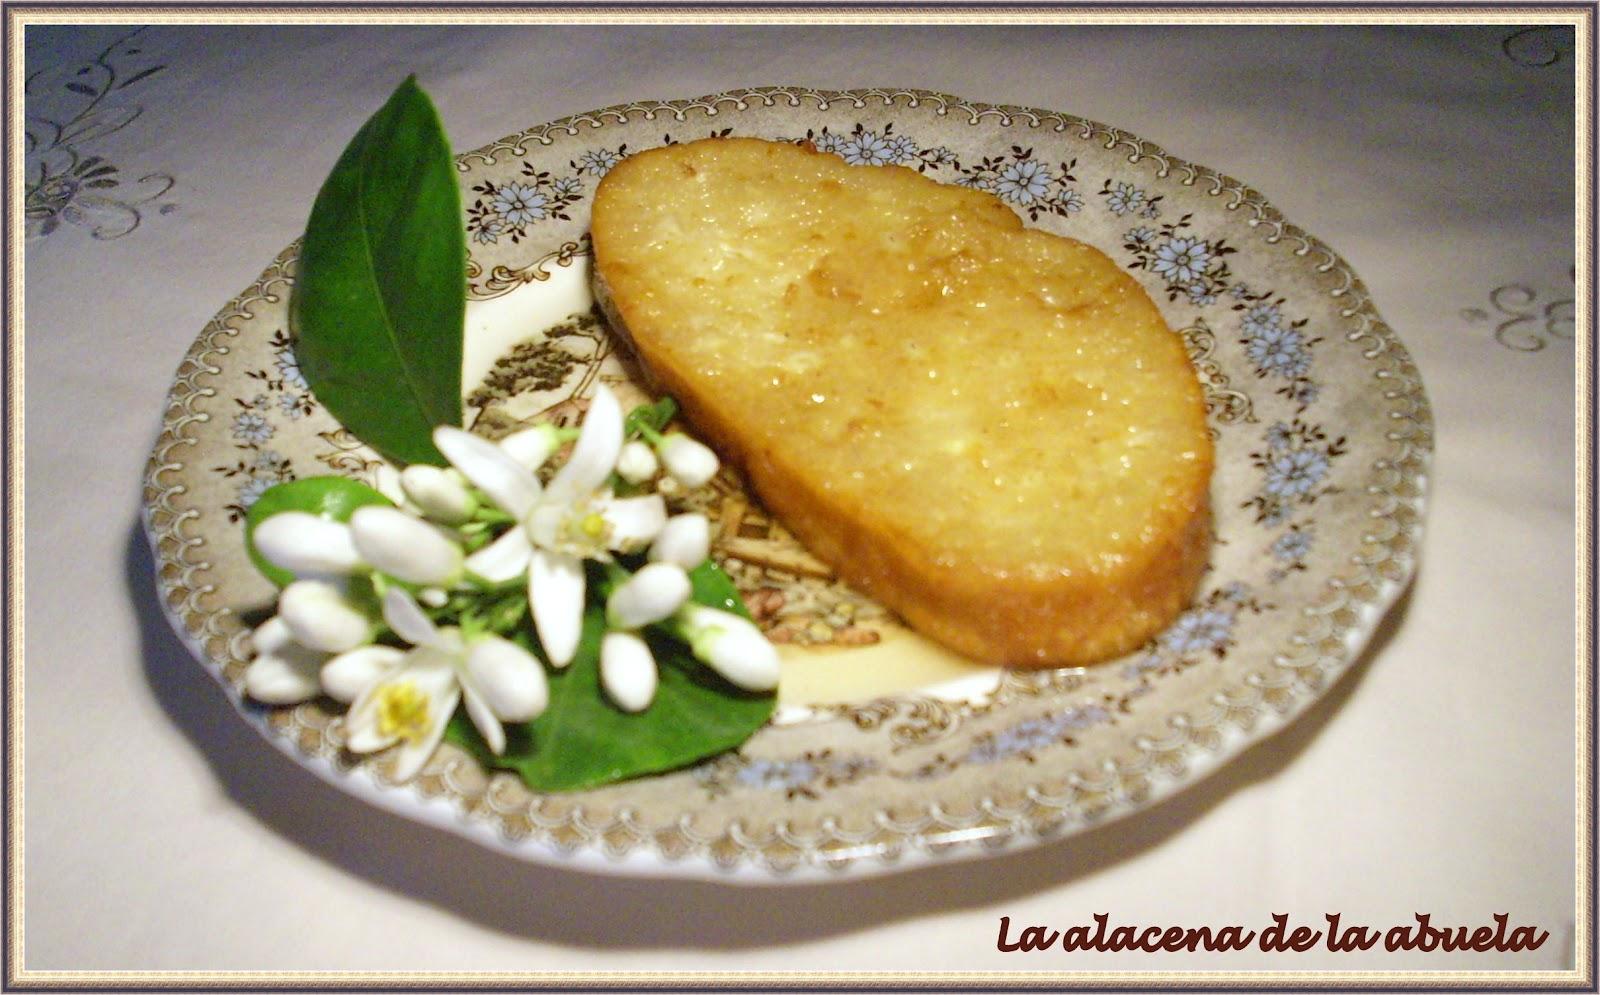 La alacena de la abuela carmen torrijas al aroma de azahar for Cocina casera de la abuela